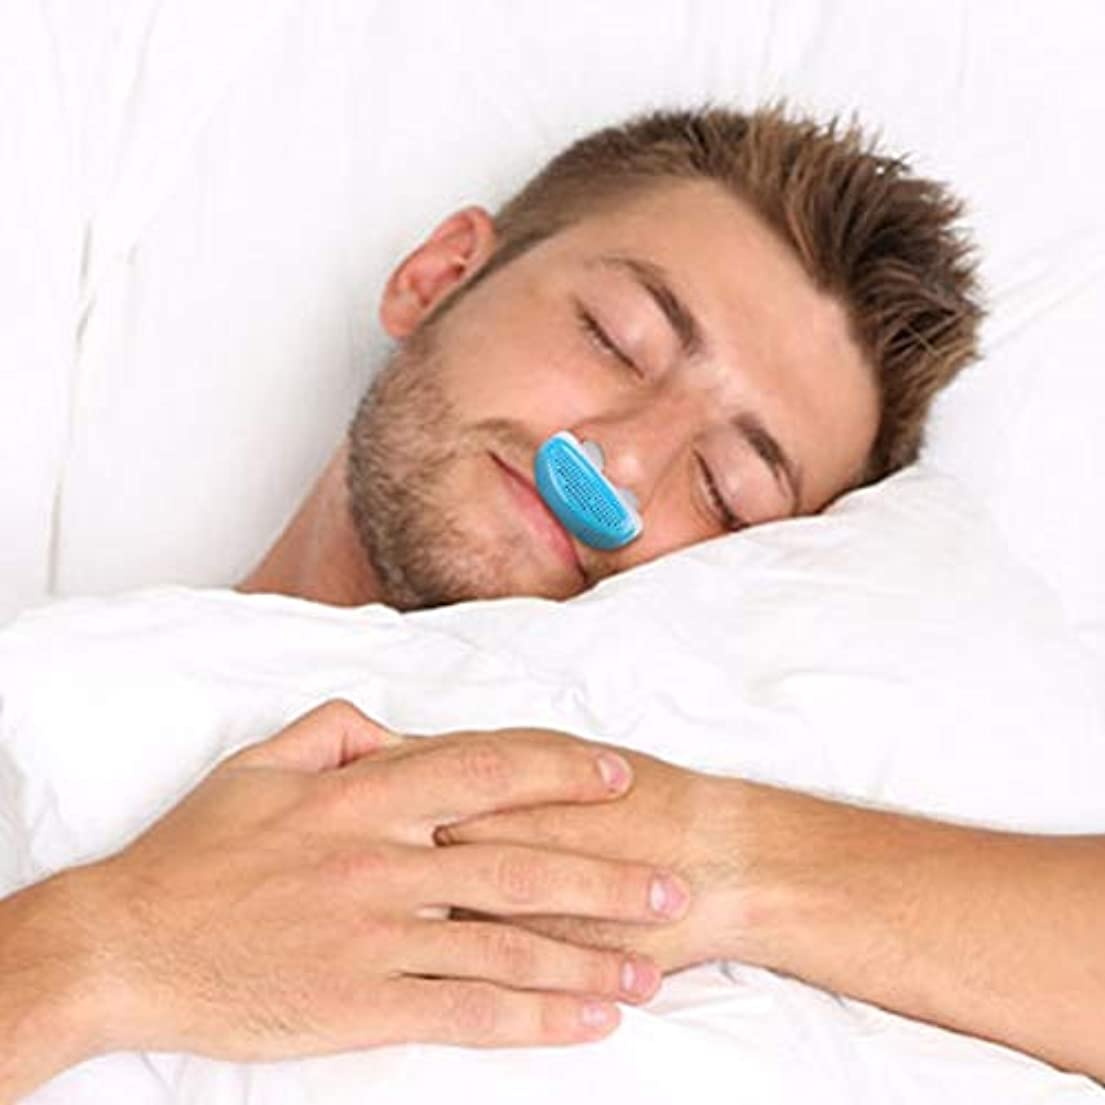 著名なラフト錆びNOTE いびき鼻いびきを止める呼吸器具ガード睡眠補助ミニいびき装置アンチいびきシリコーン箱付き